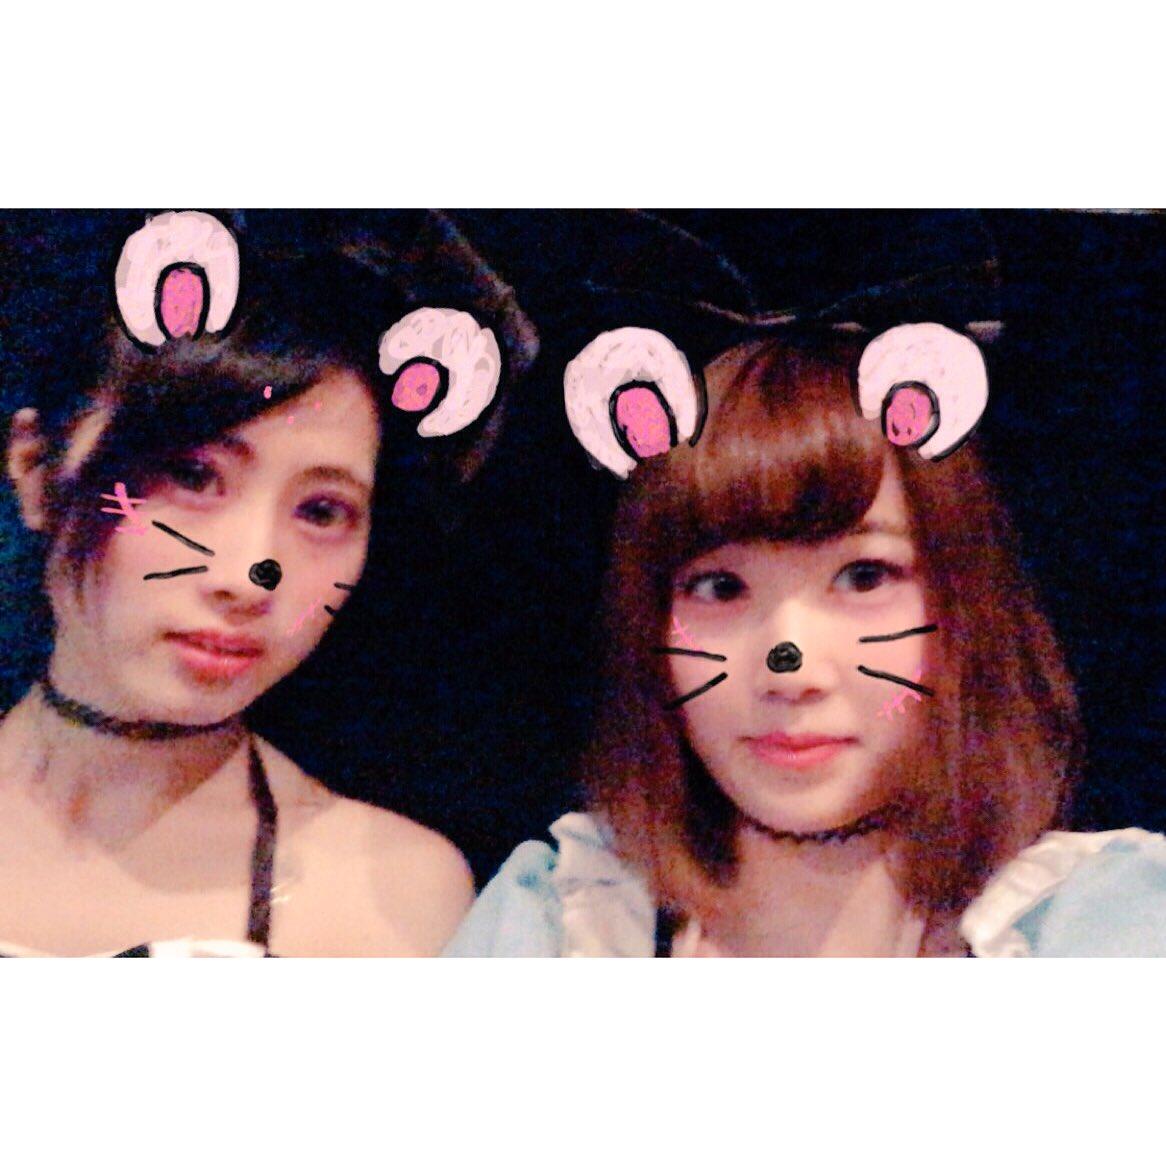 ハロウィンの渋谷でエロコス援交をする未成年エロ画像6枚目